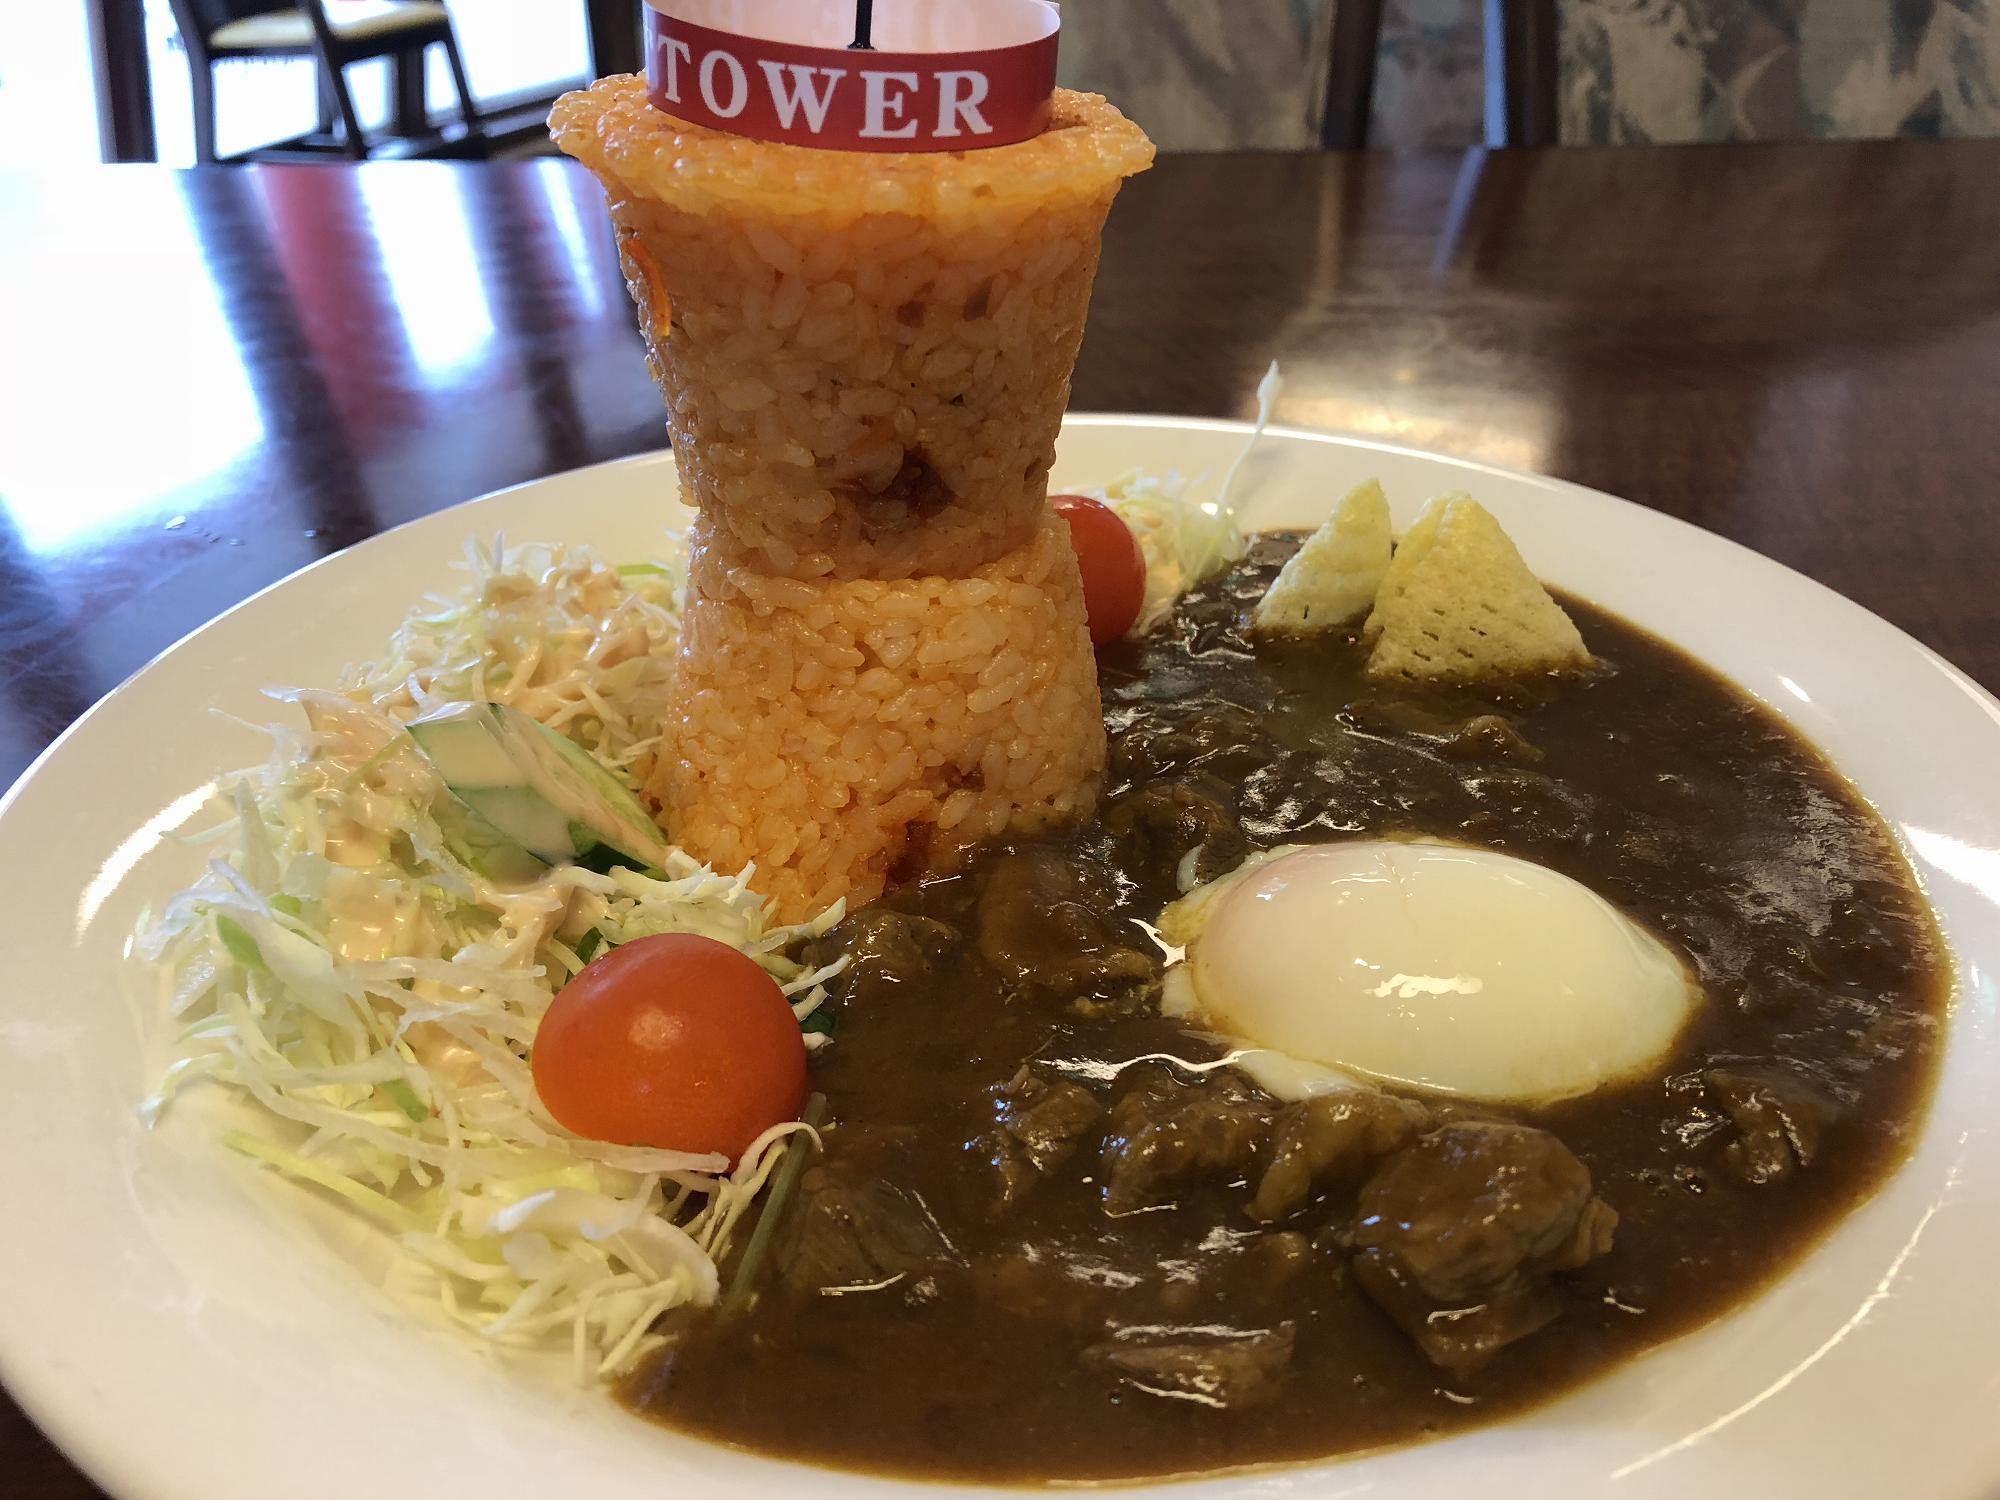 「神戸ポートタワー」に登り、名物の「ポートタワーカレー」を食べてみた! #神戸観光 #ポートタワー #メリケンパーク